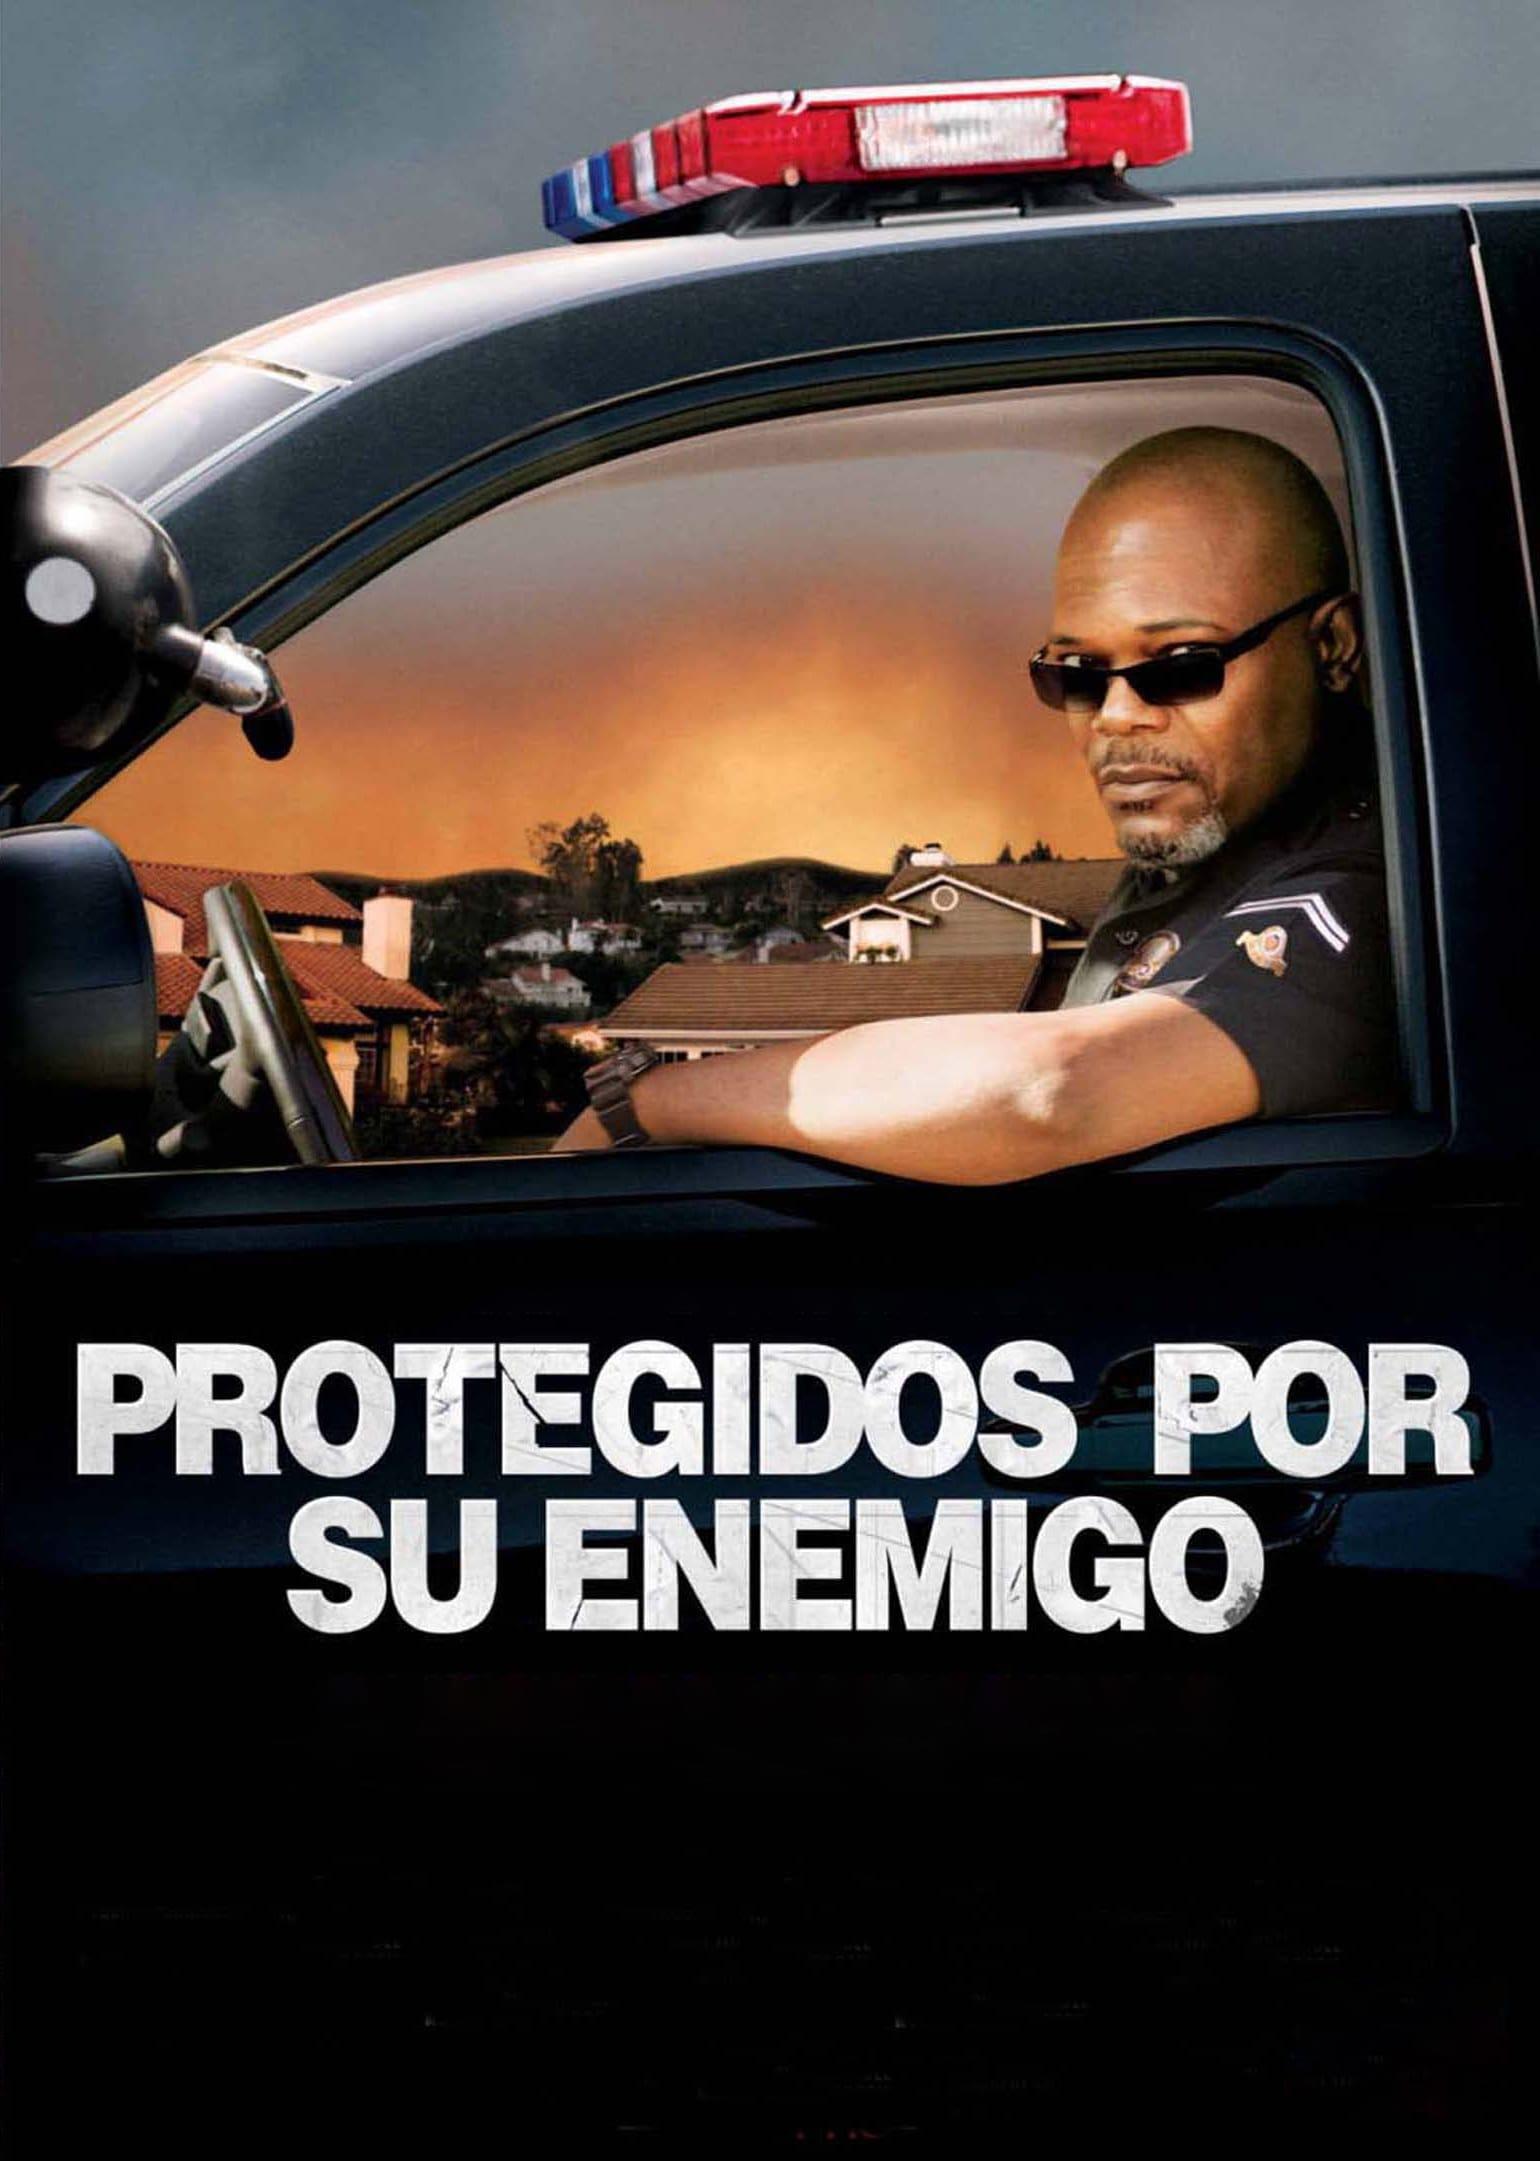 Protegidos por su enemigo poster